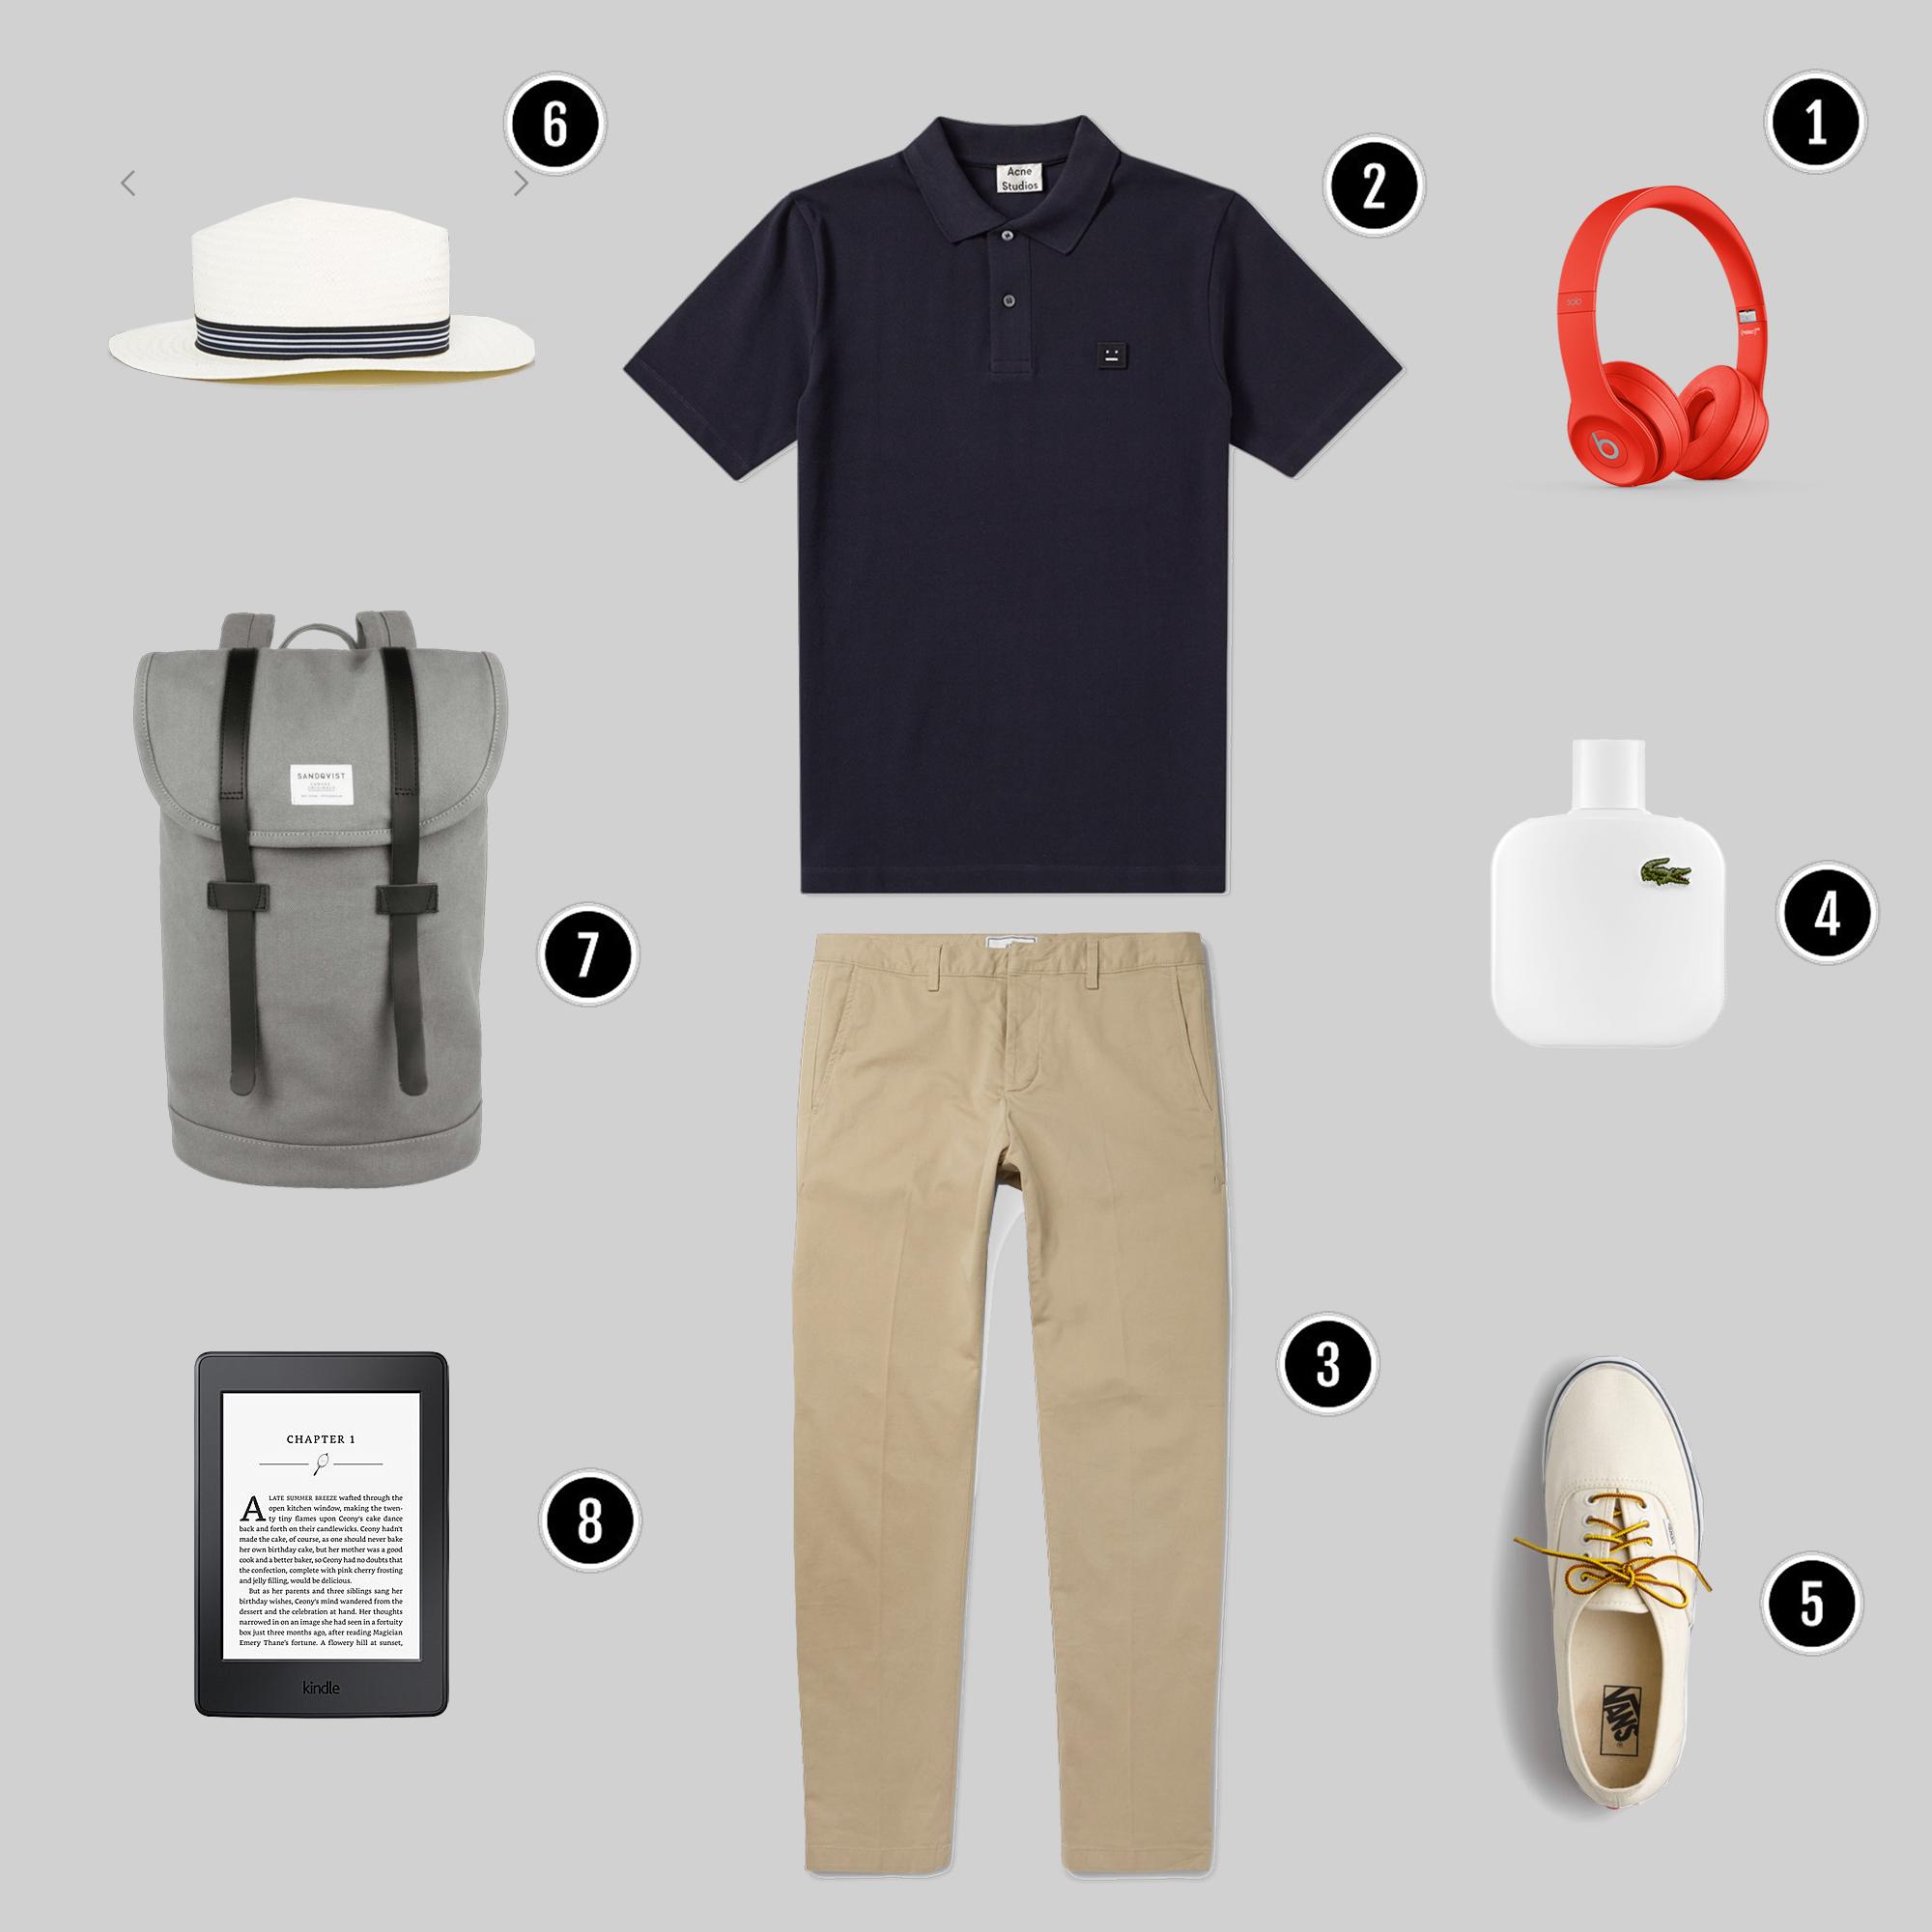 1. Headphones : Beats / 2. Áo: Acne/ 3. Quần: AMI / 4. Nước hoa: Lacoste / 5. Giày : Vans / 6. Mũ : ASOS / 6. Giày : Dr. Martens / 7. Túi: Sanqvistd / 8: Kindle paper white